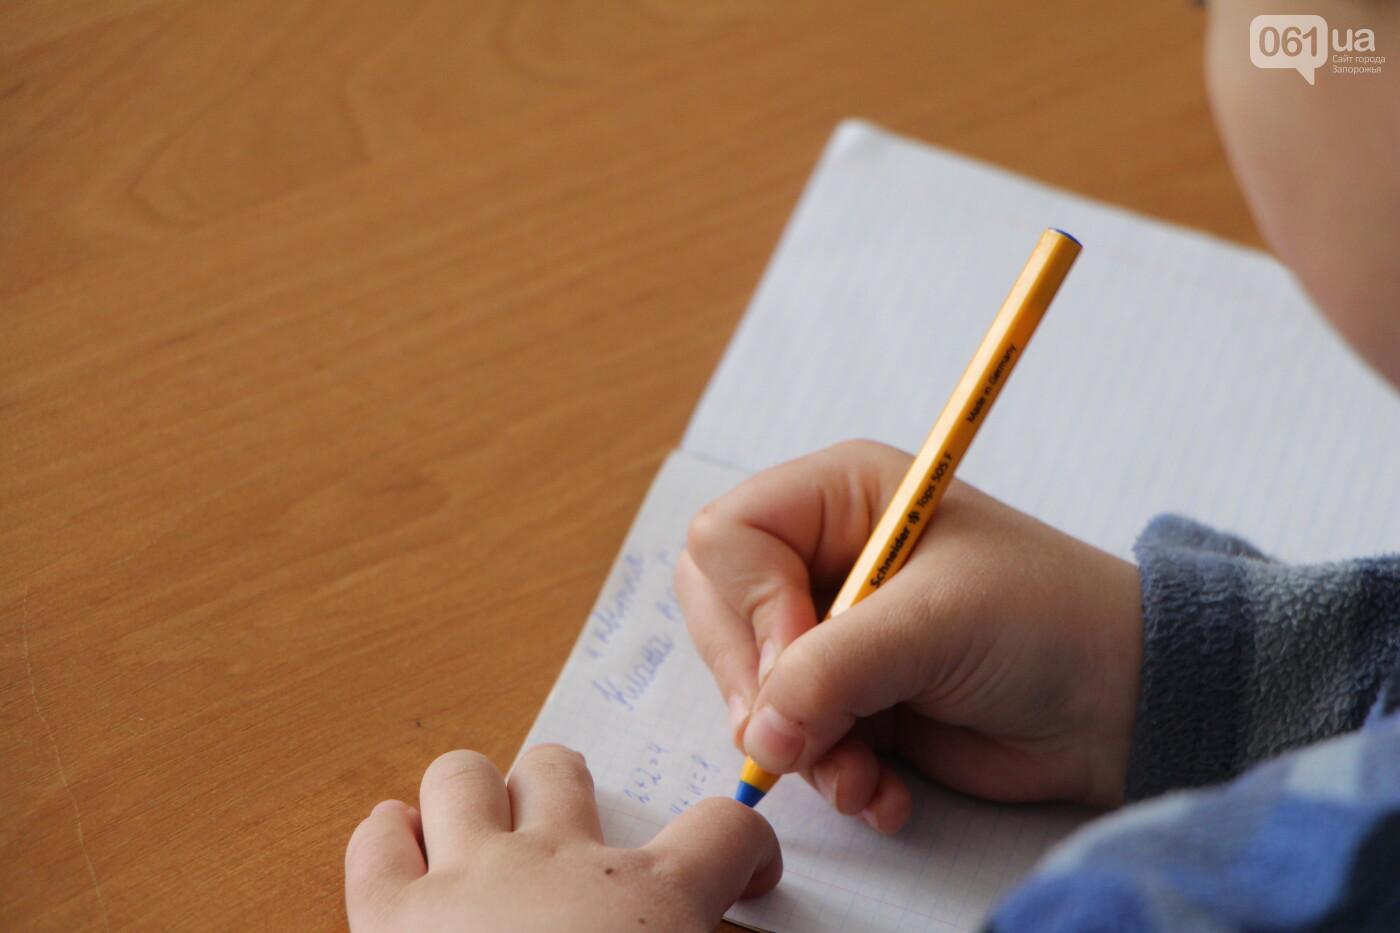 Познакомиться с будущим ребенком: как и почему волонтеры создают анкеты для запорожских сирот, фото-41